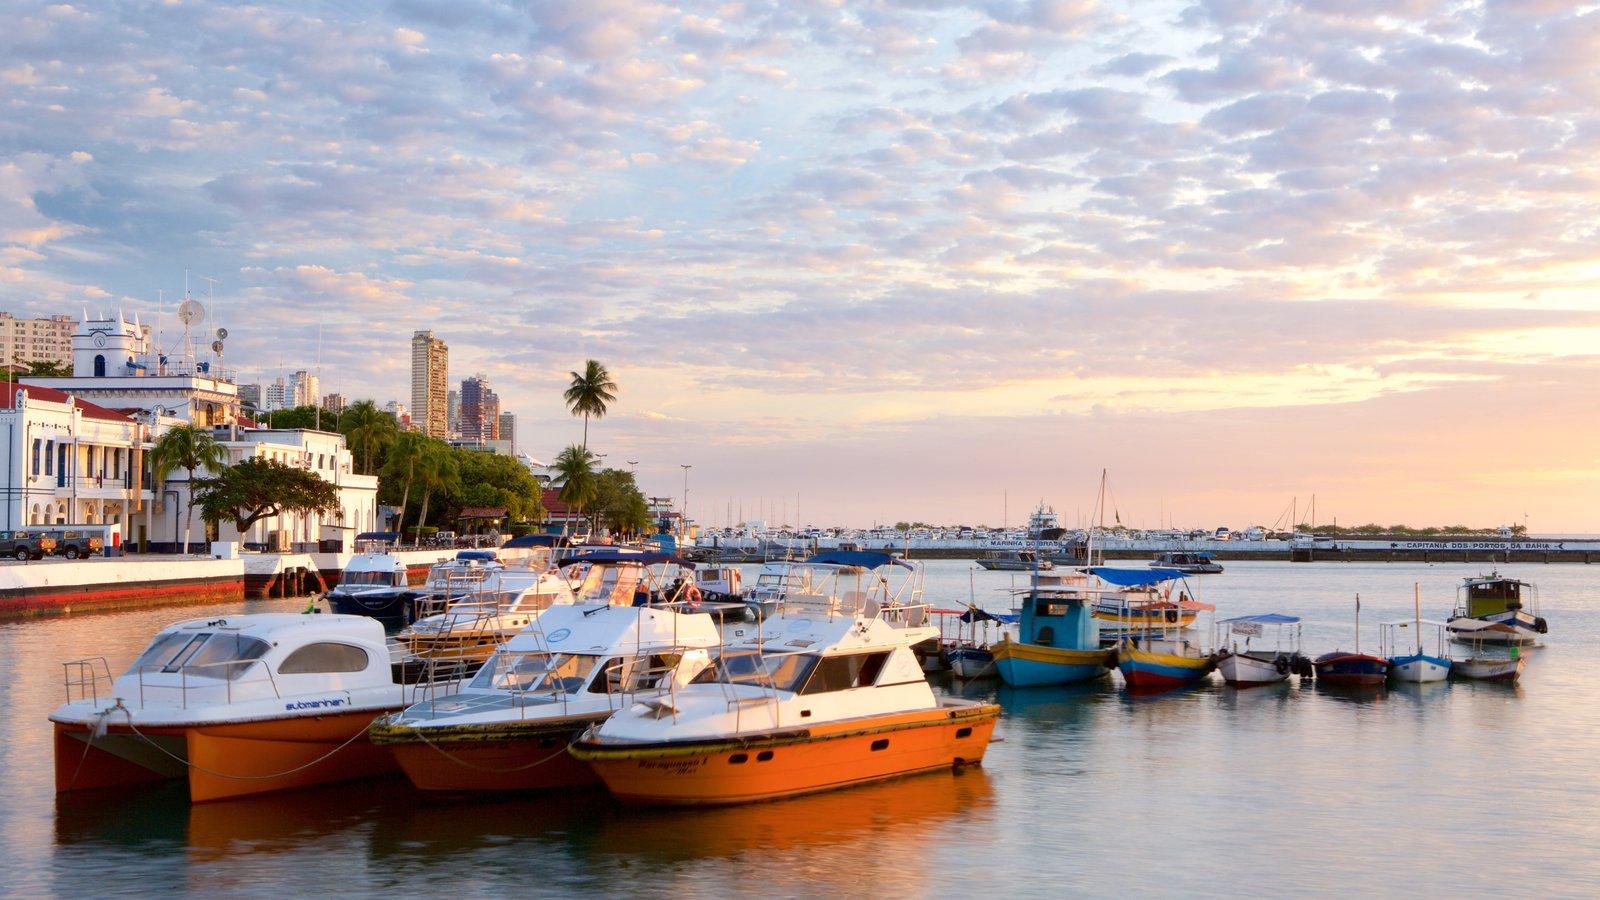 Salvador mostrando paisagens litorâneas, uma marina e cenas tropicais